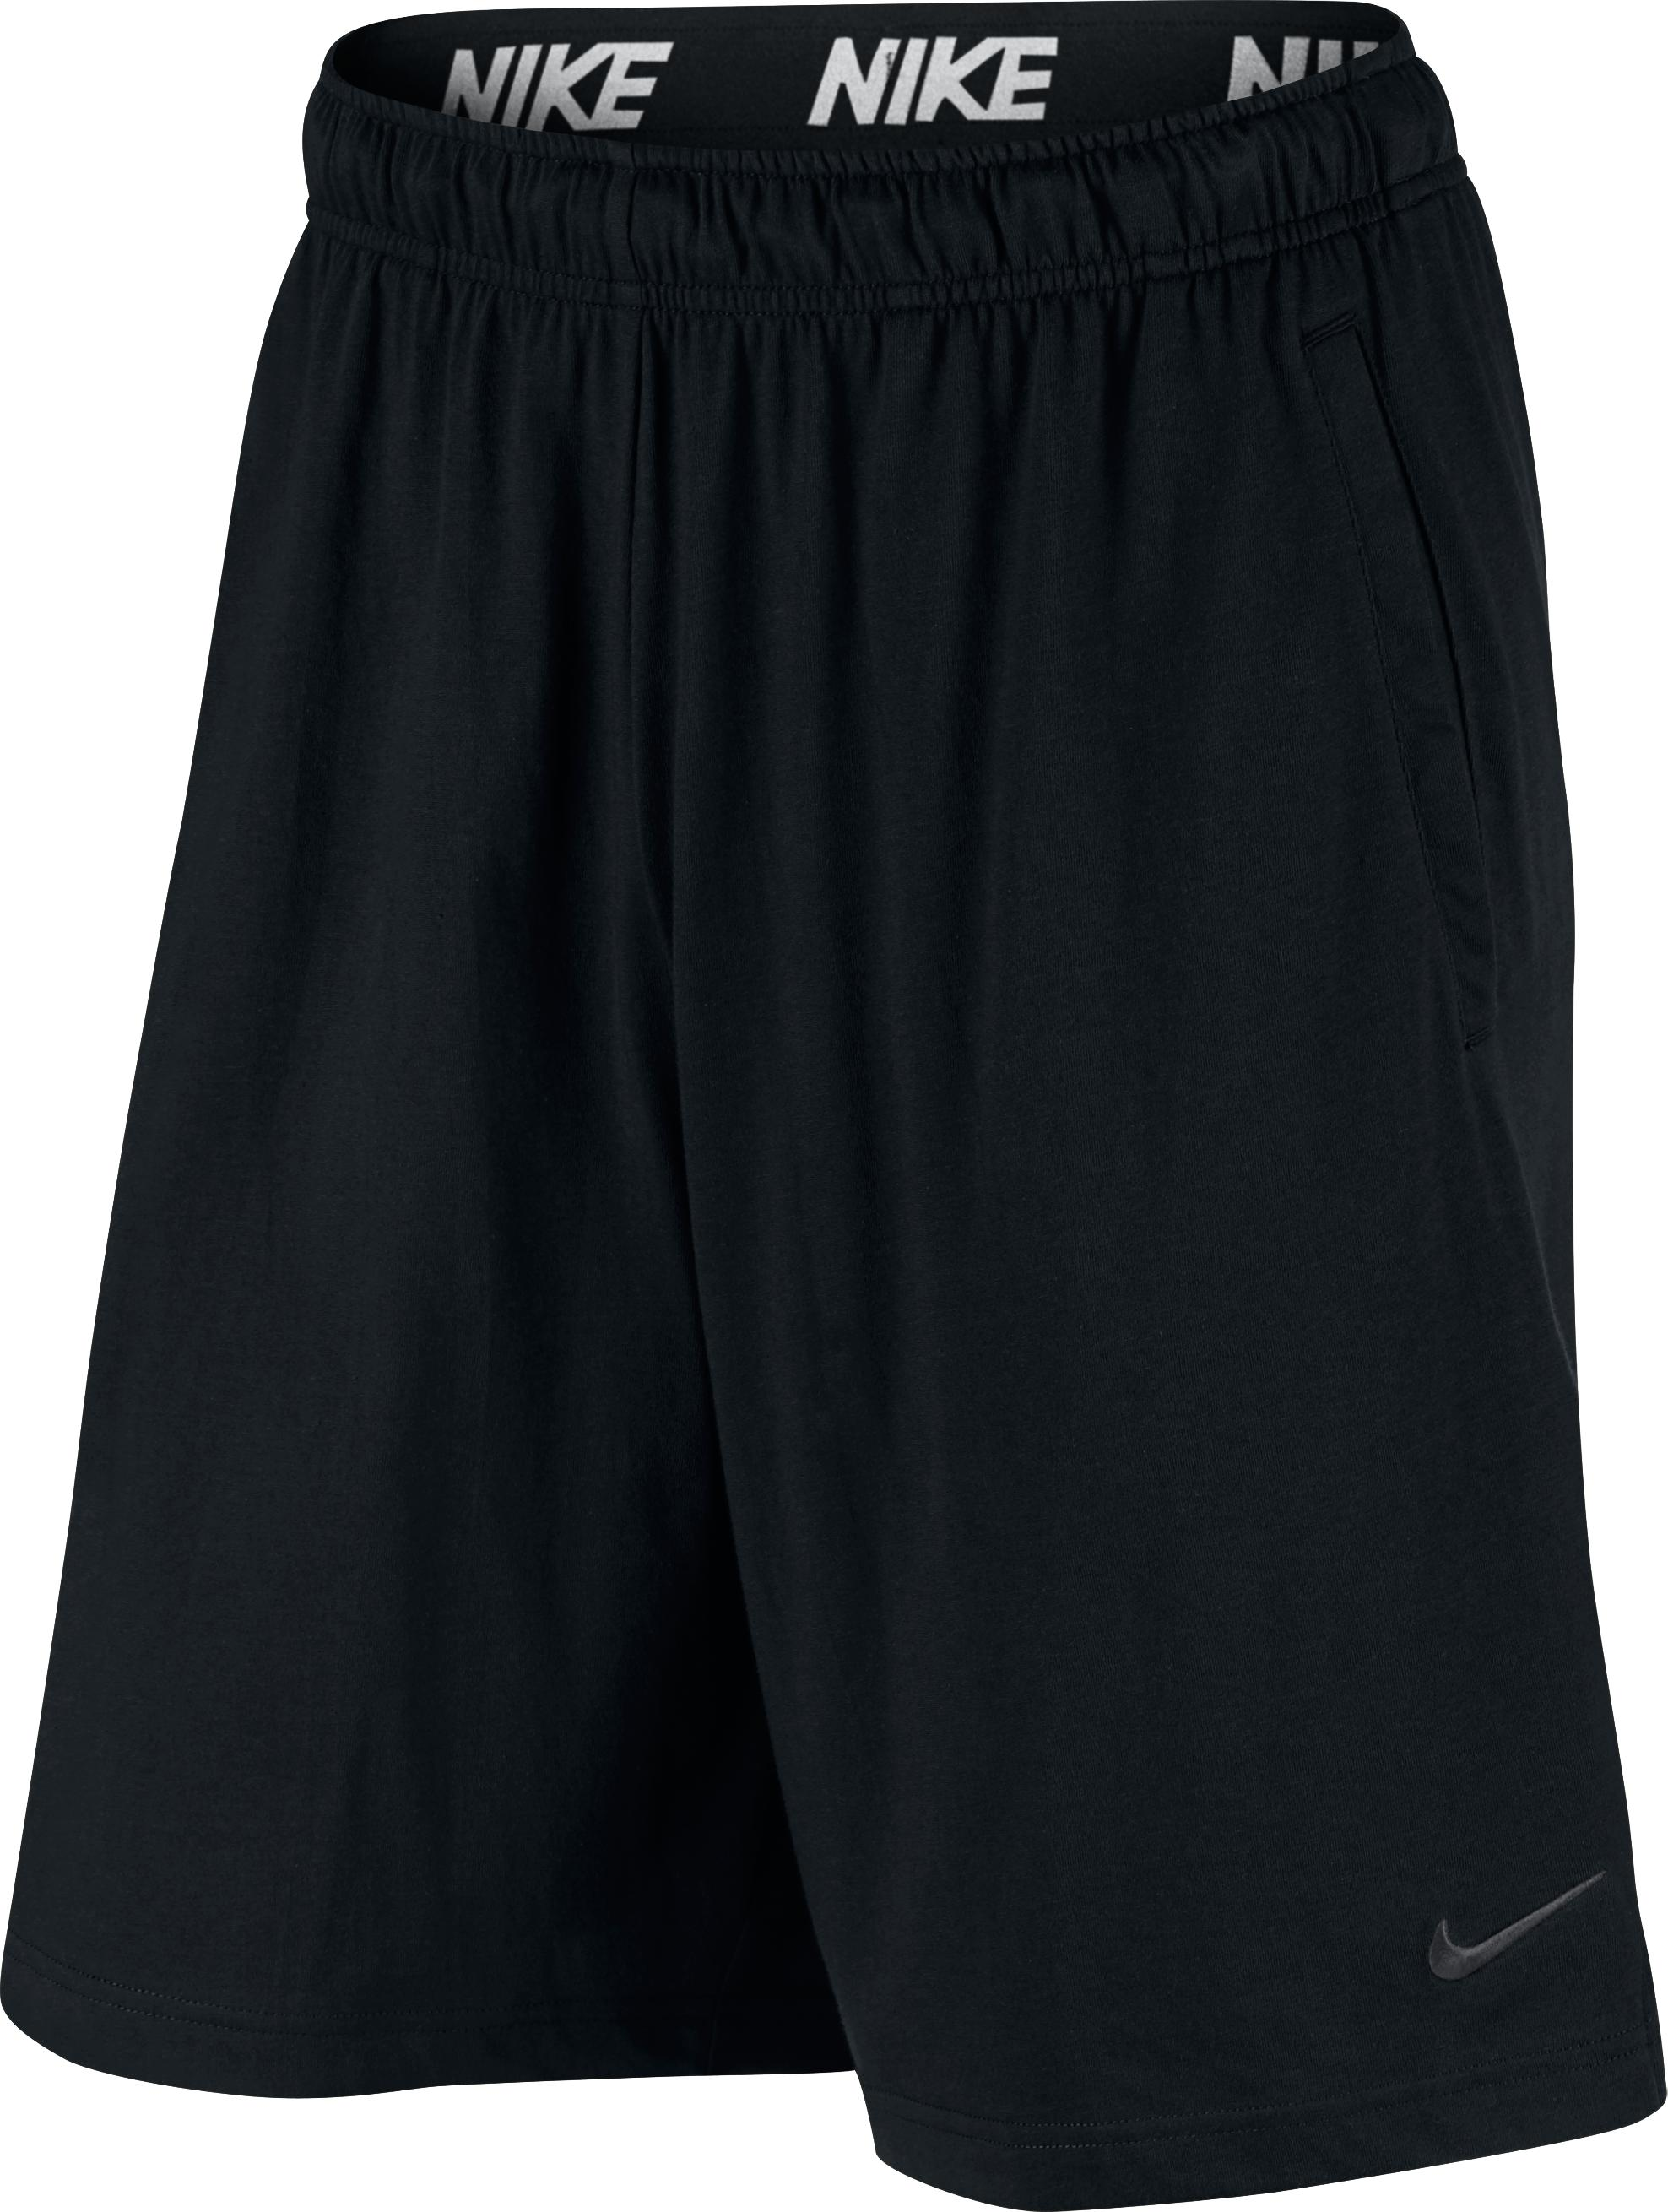 Fitnessshort voor heren, Dry Fit, zwart